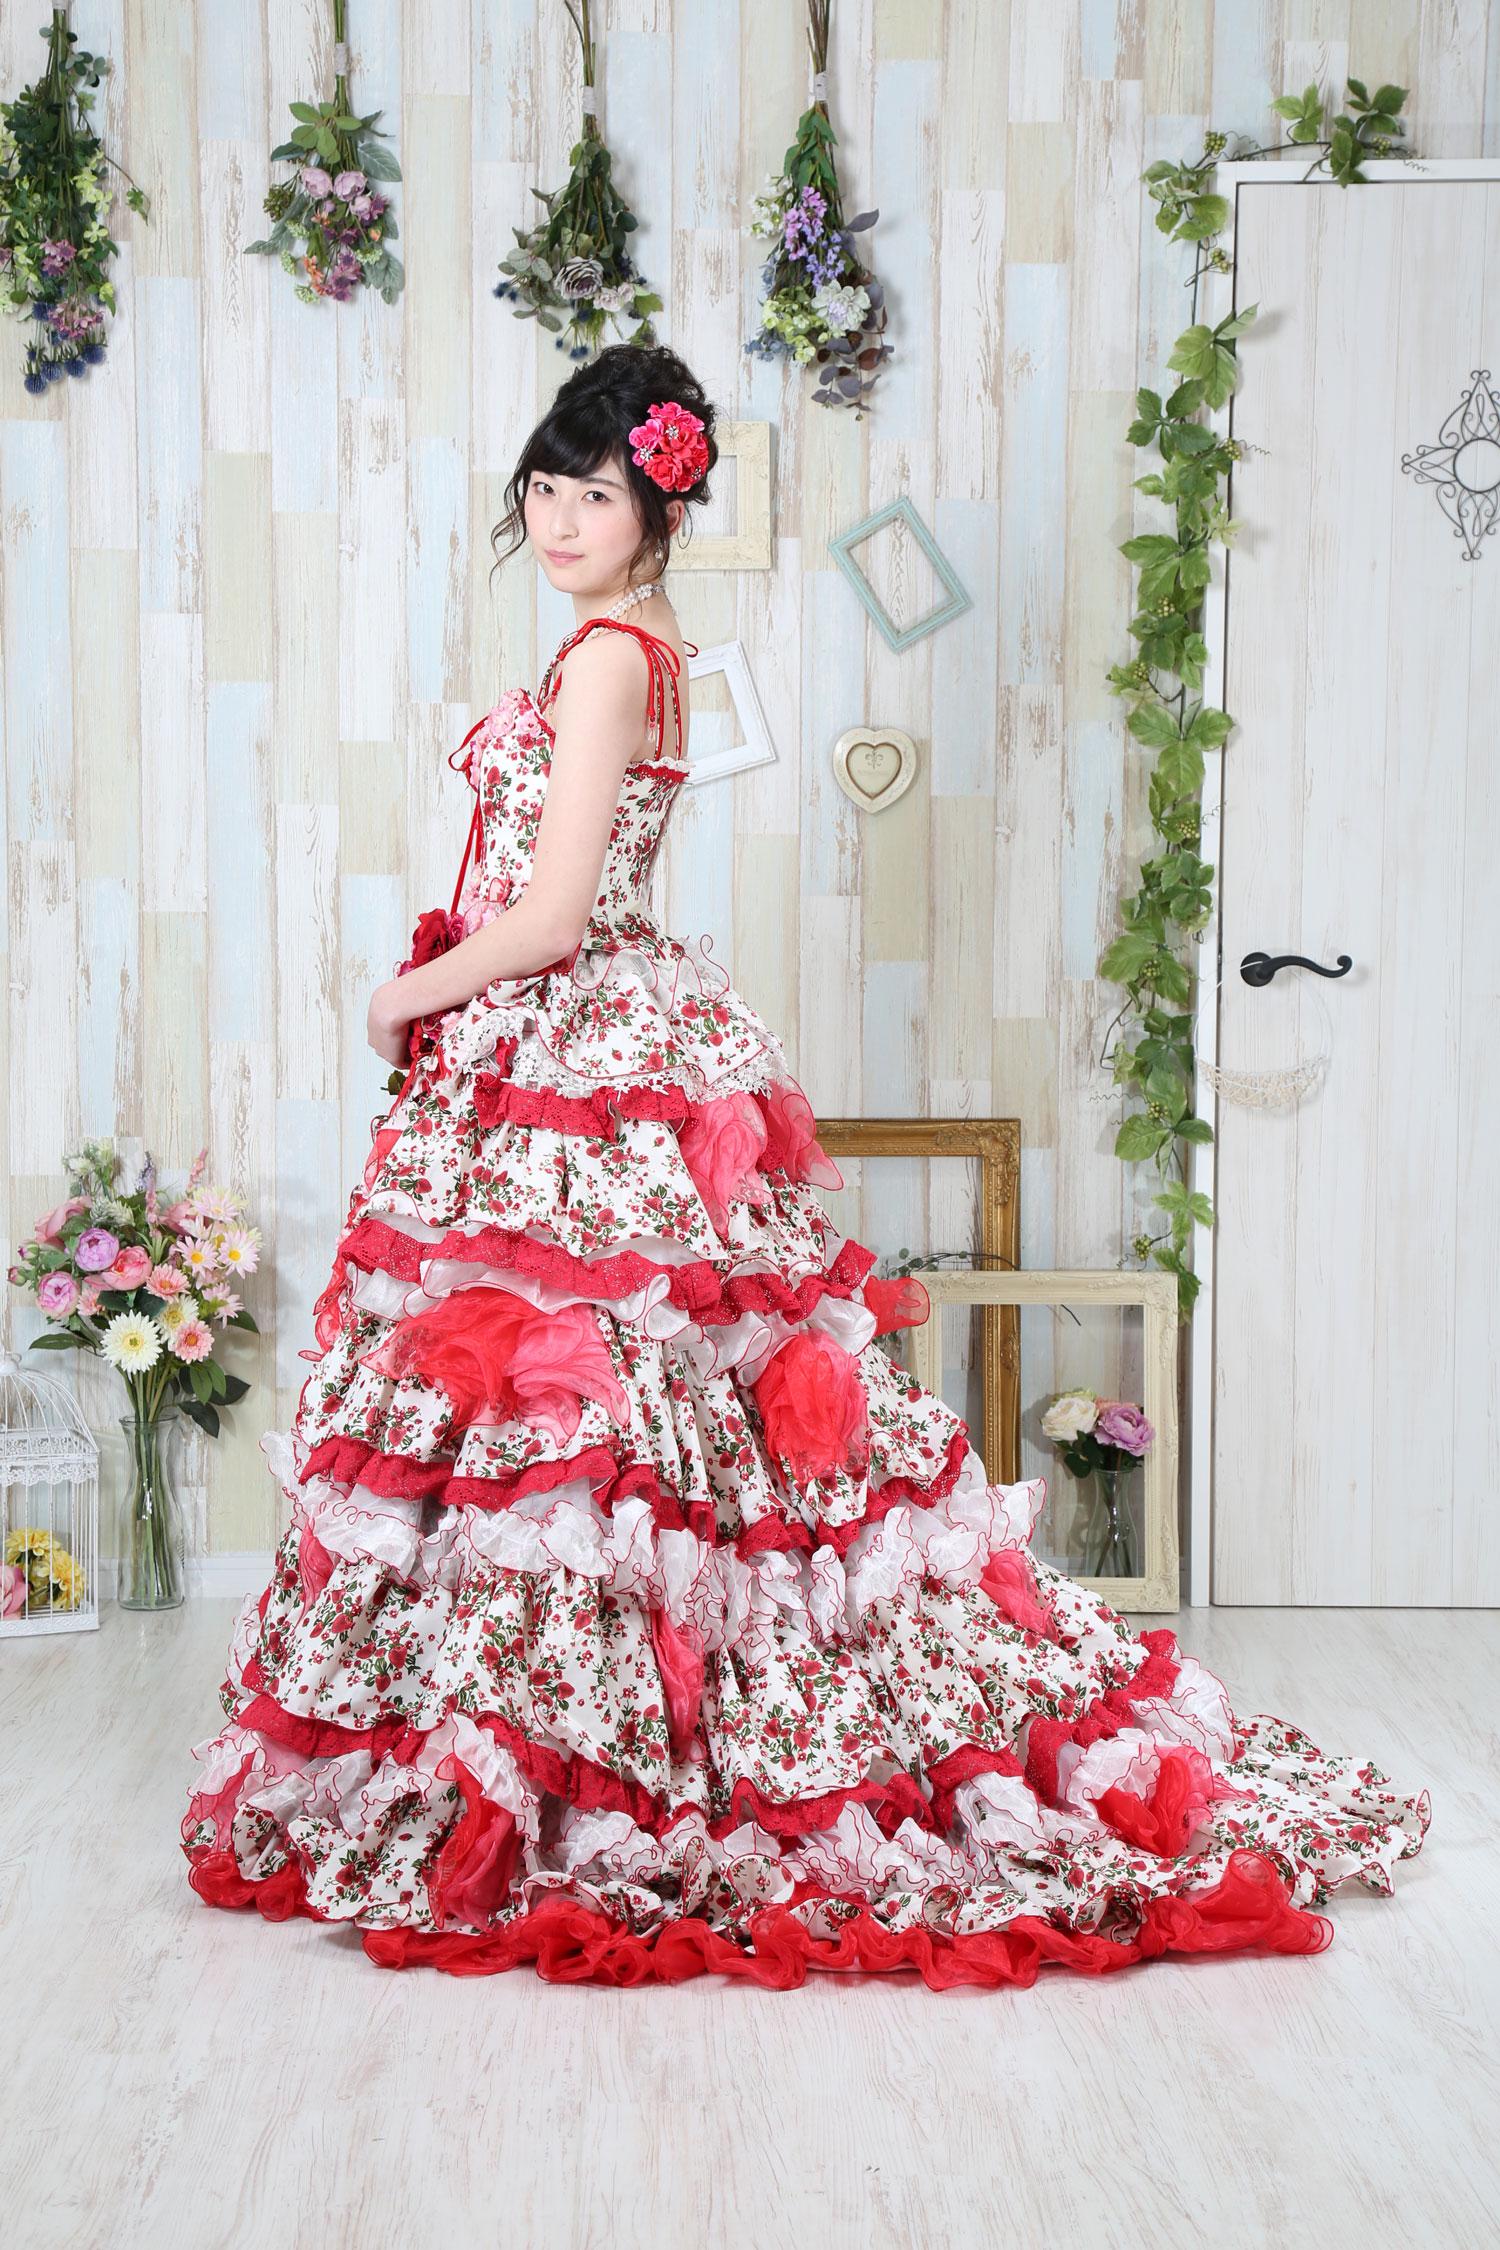 ★20180211-ドレス衣装撮影_215